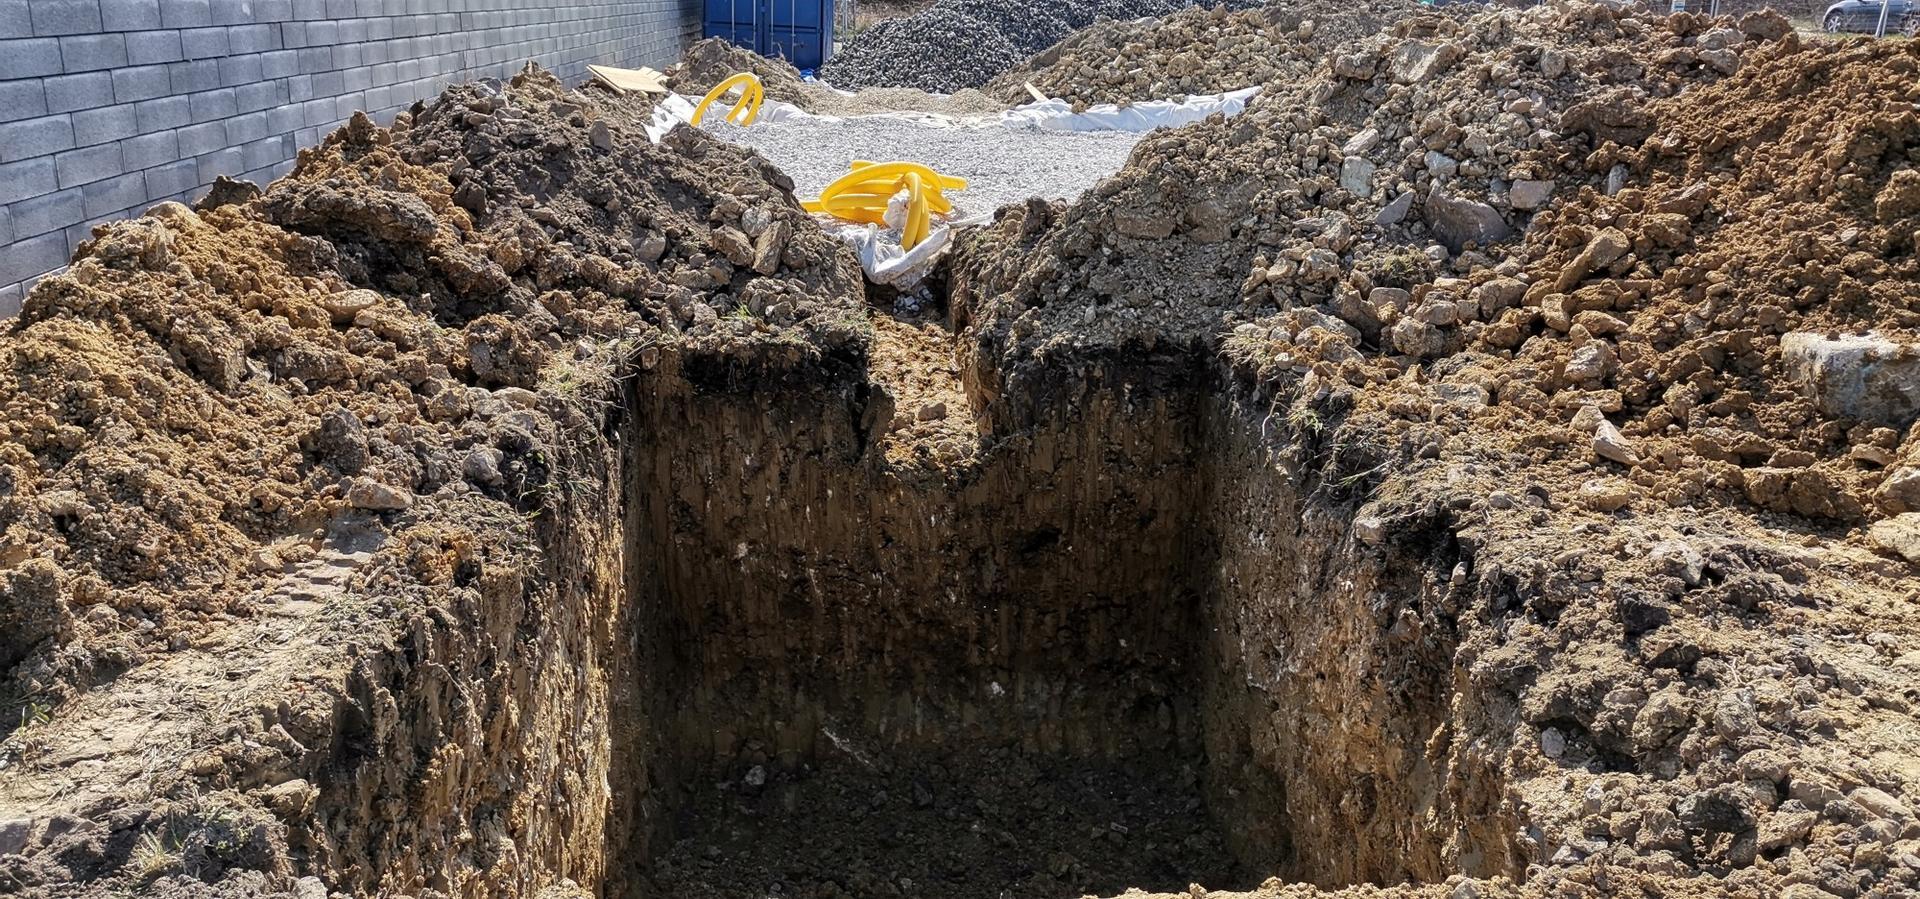 Spodná stavba - Výkop pre vsak, 4m x 2,8m x 2,3m (hĺbka jamy, pričom sa terén ešte bude zvyšovať o 40cm)